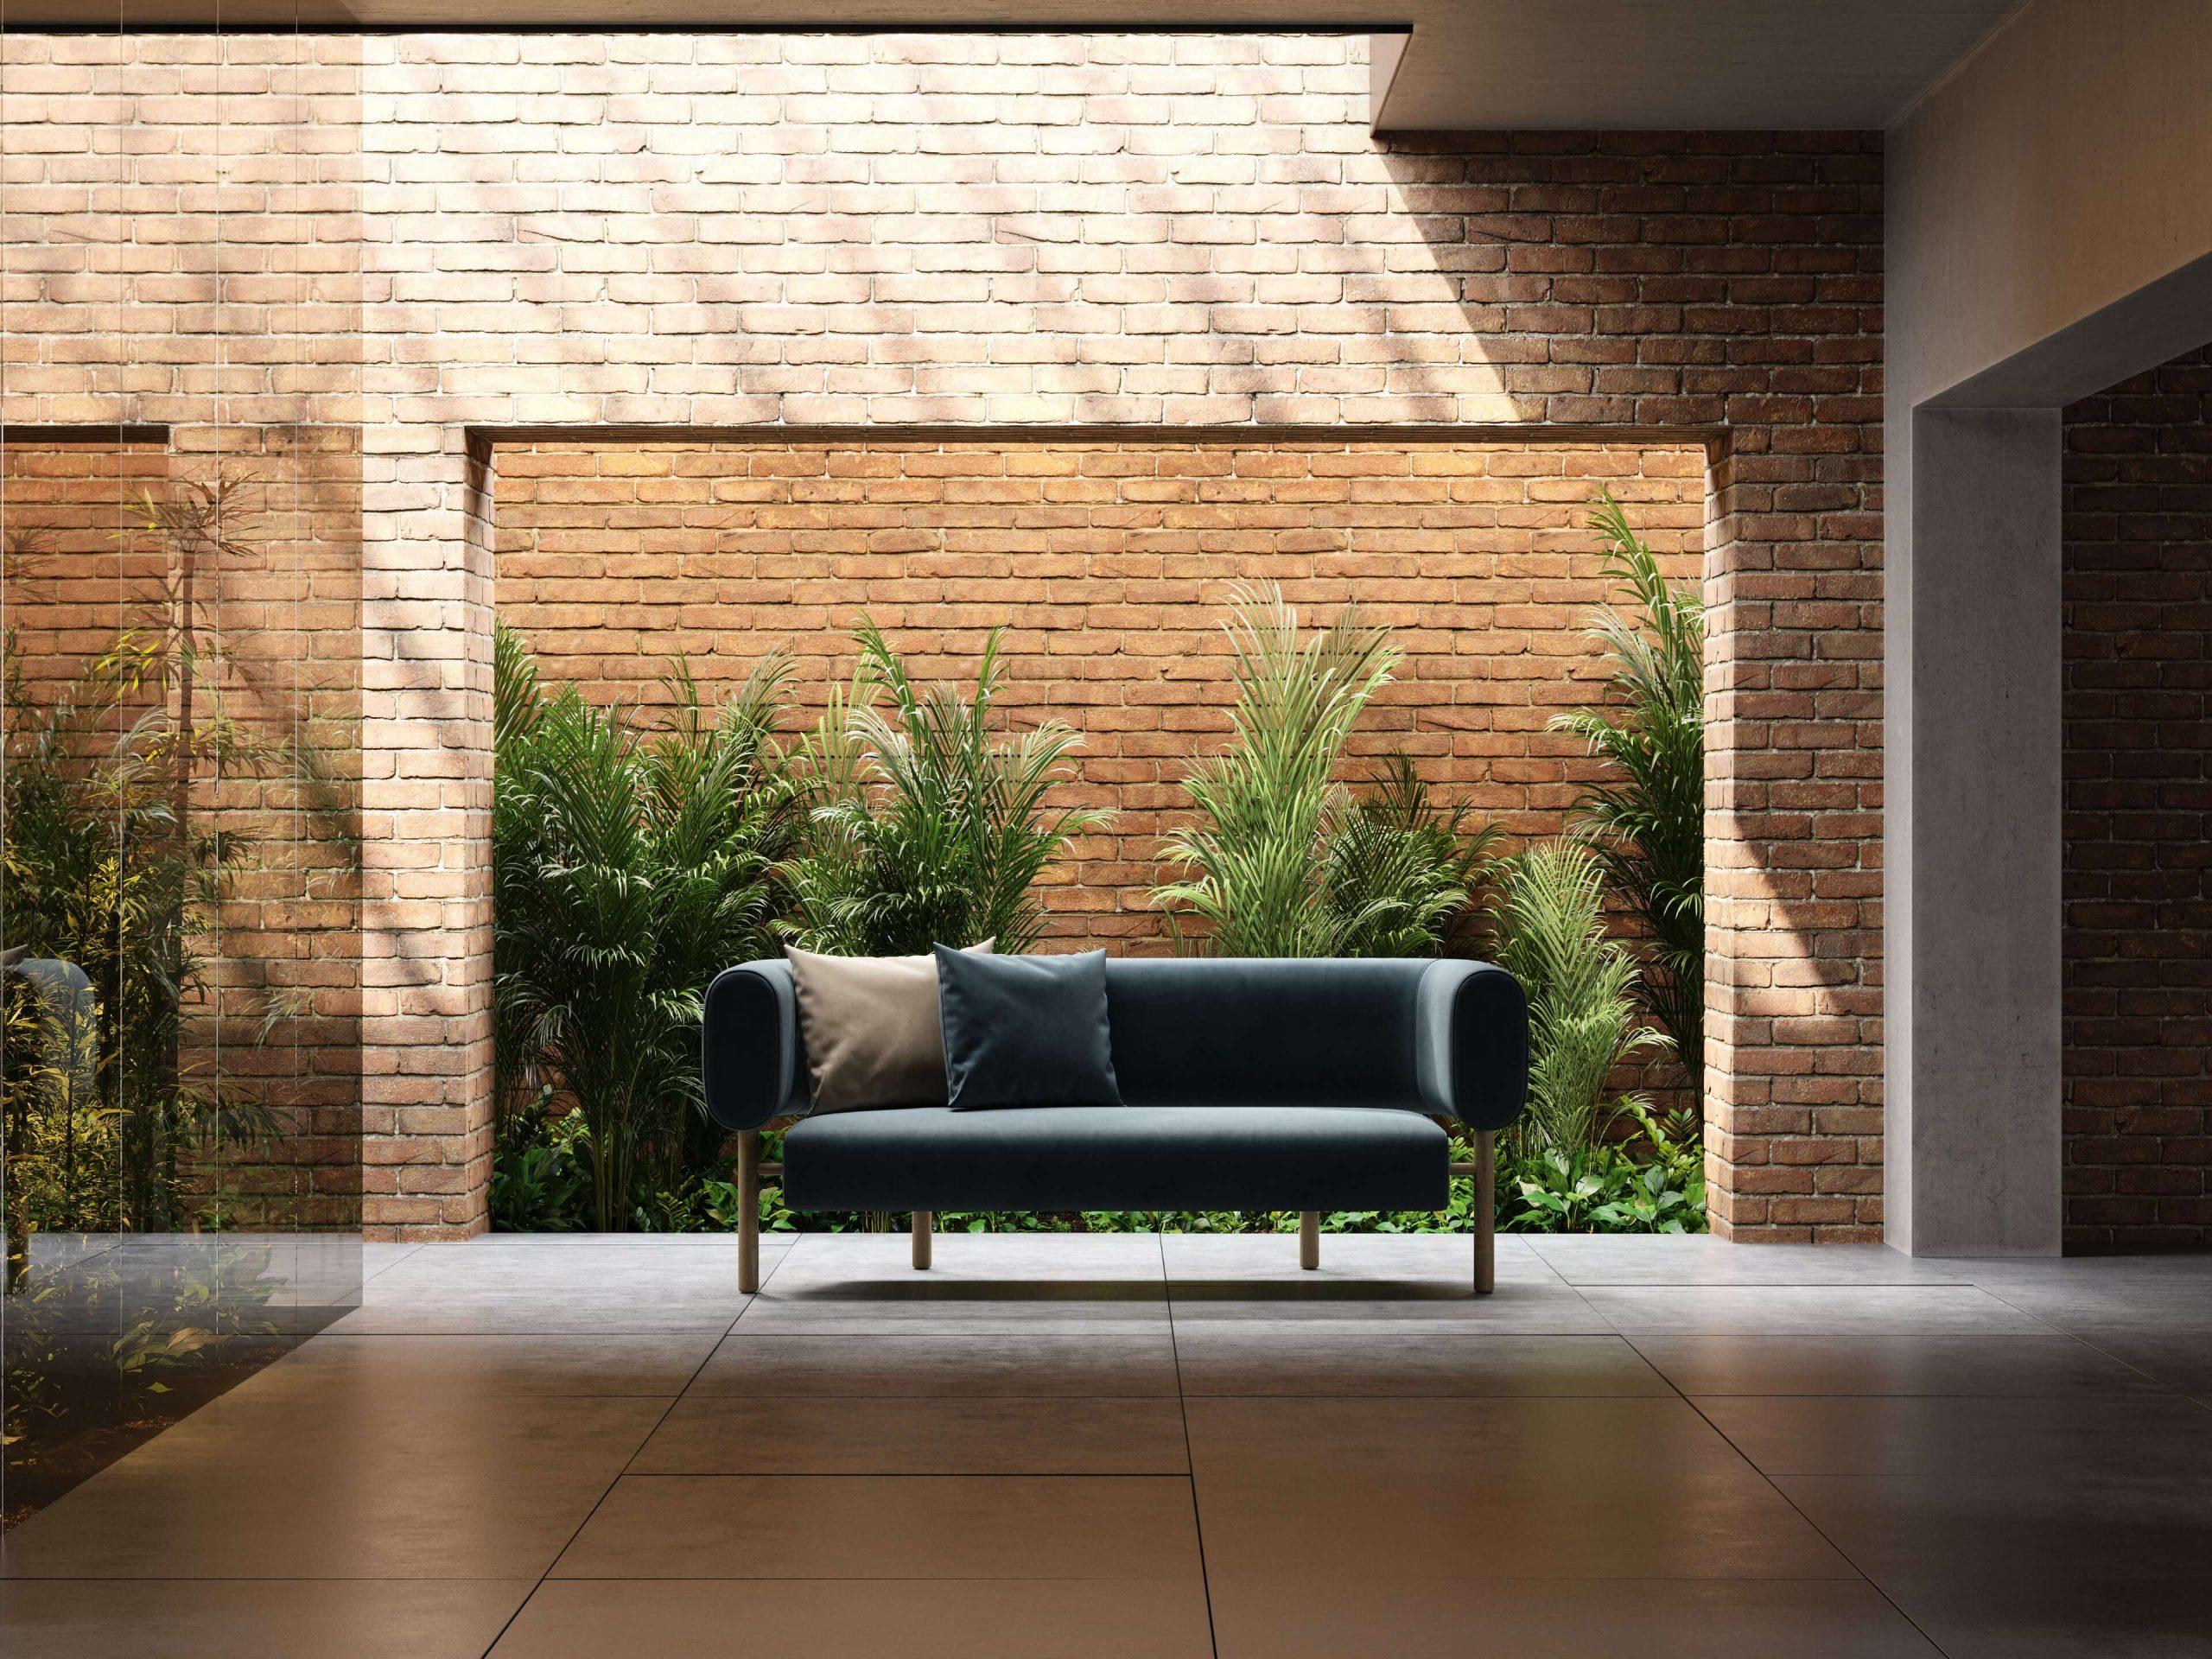 nook-sofa-blue-velvet-wood-legs-living-room-scandinavian-furniture-design-japanese-inspiration-domkapa